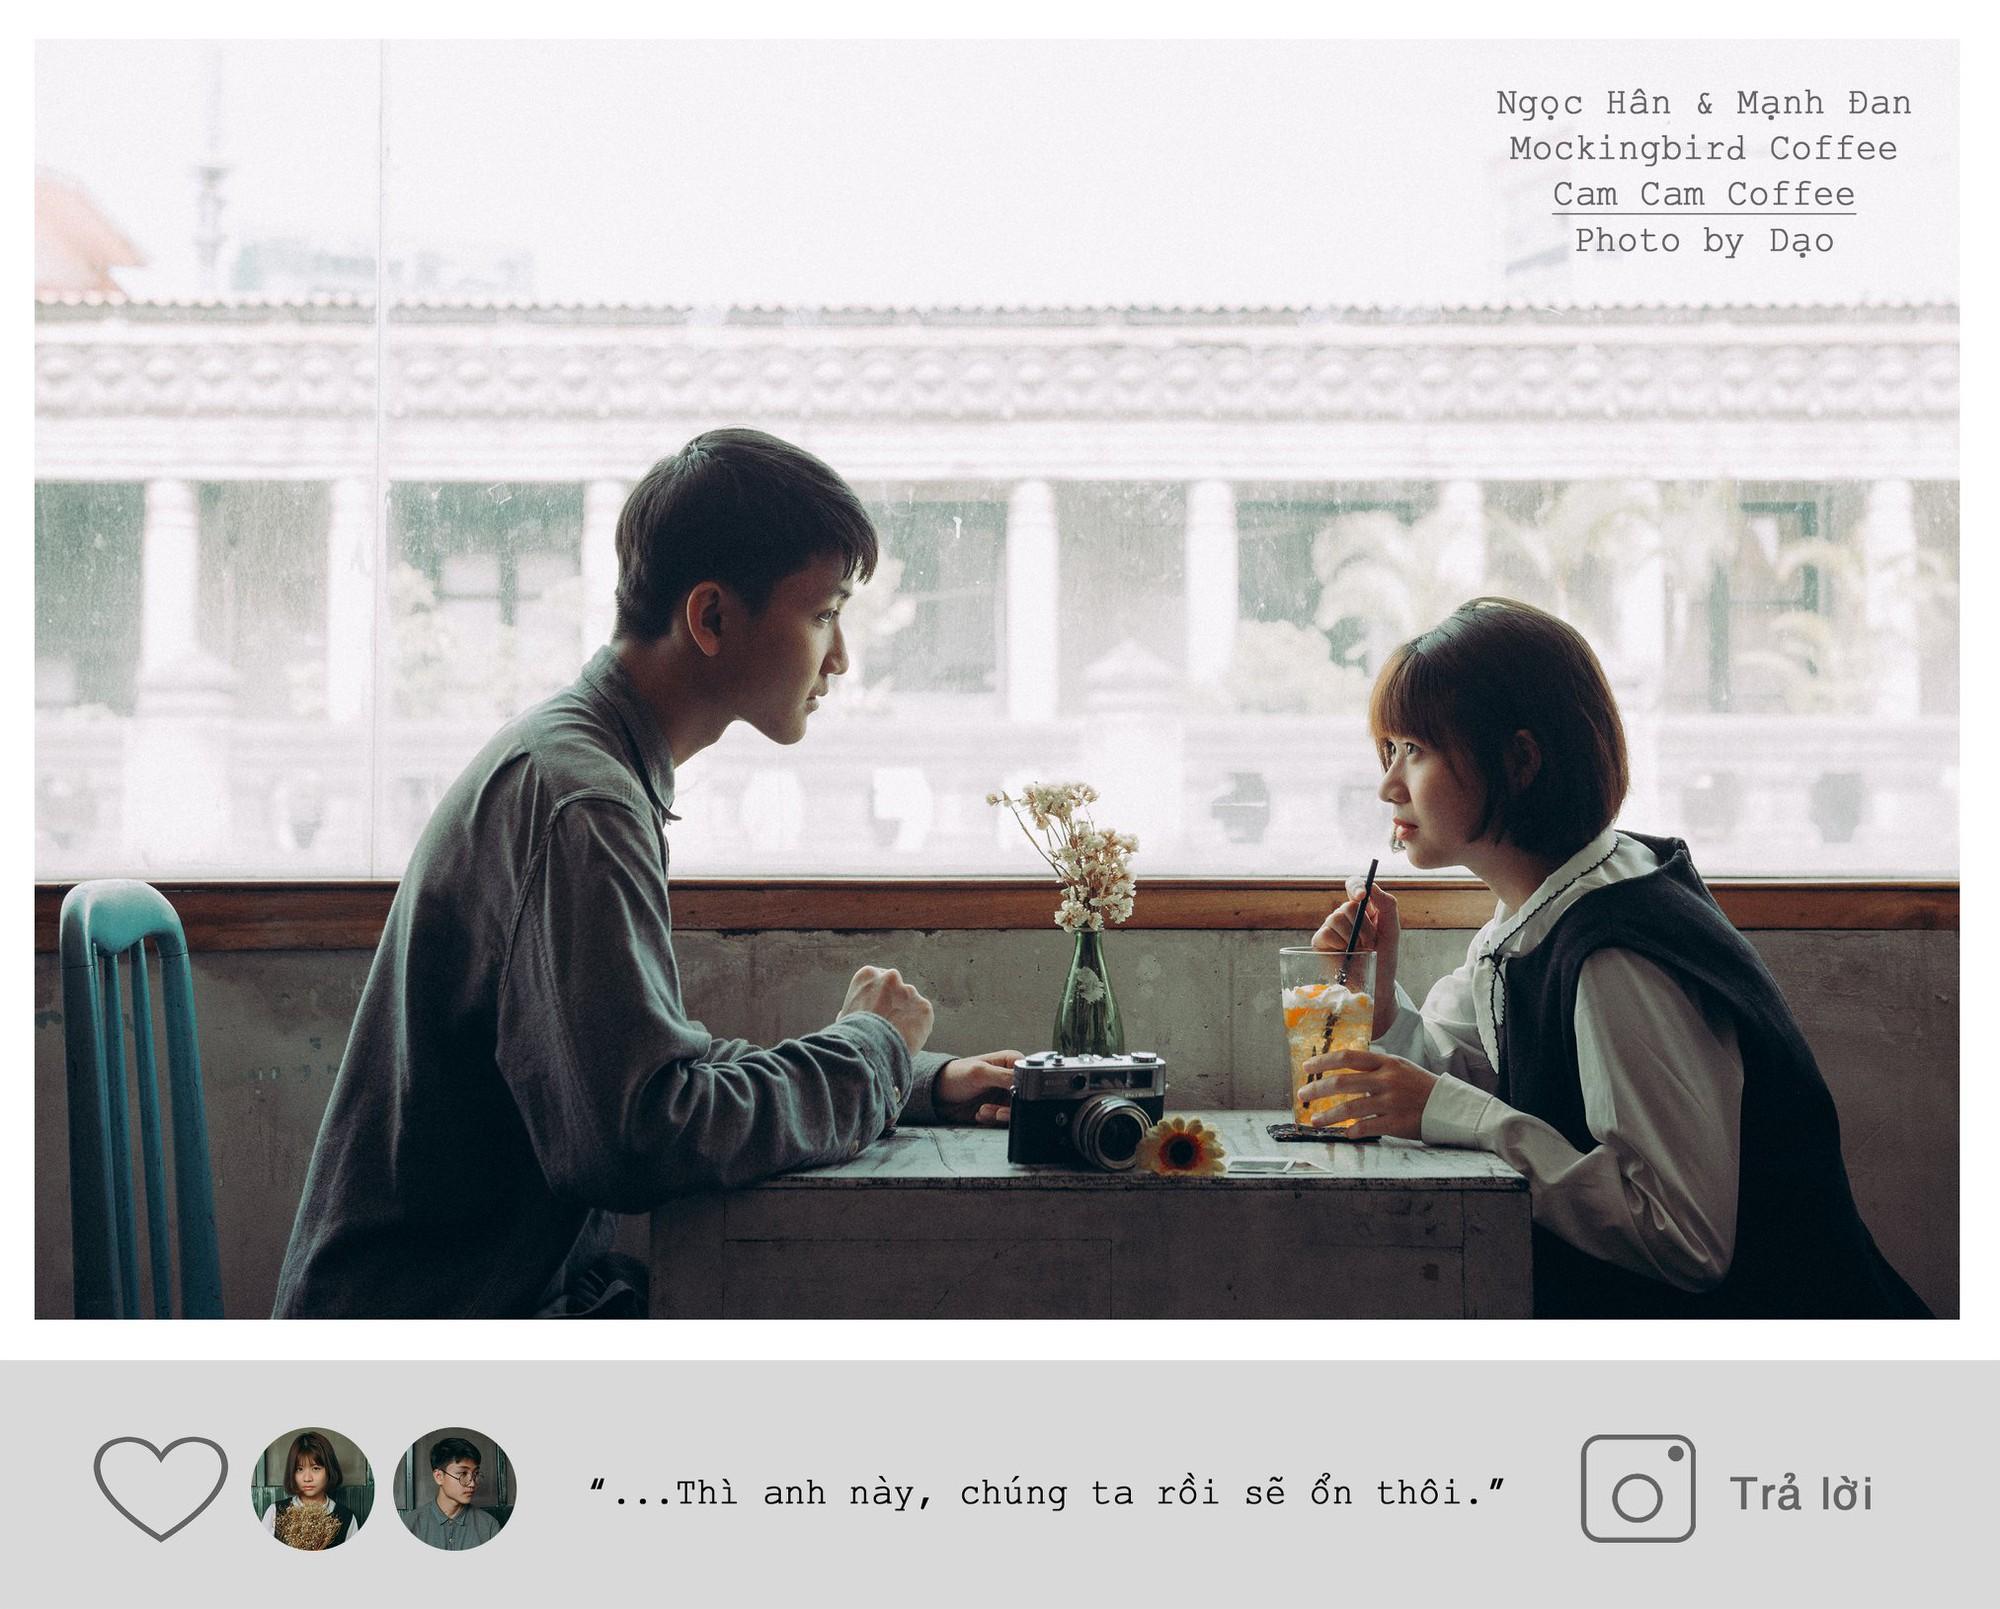 Bộ ảnh mới toanh của cặp đôi trường Trưng Vương từng được mến mộ nhờ mối tình chị em cực dễ thương - Ảnh 1.